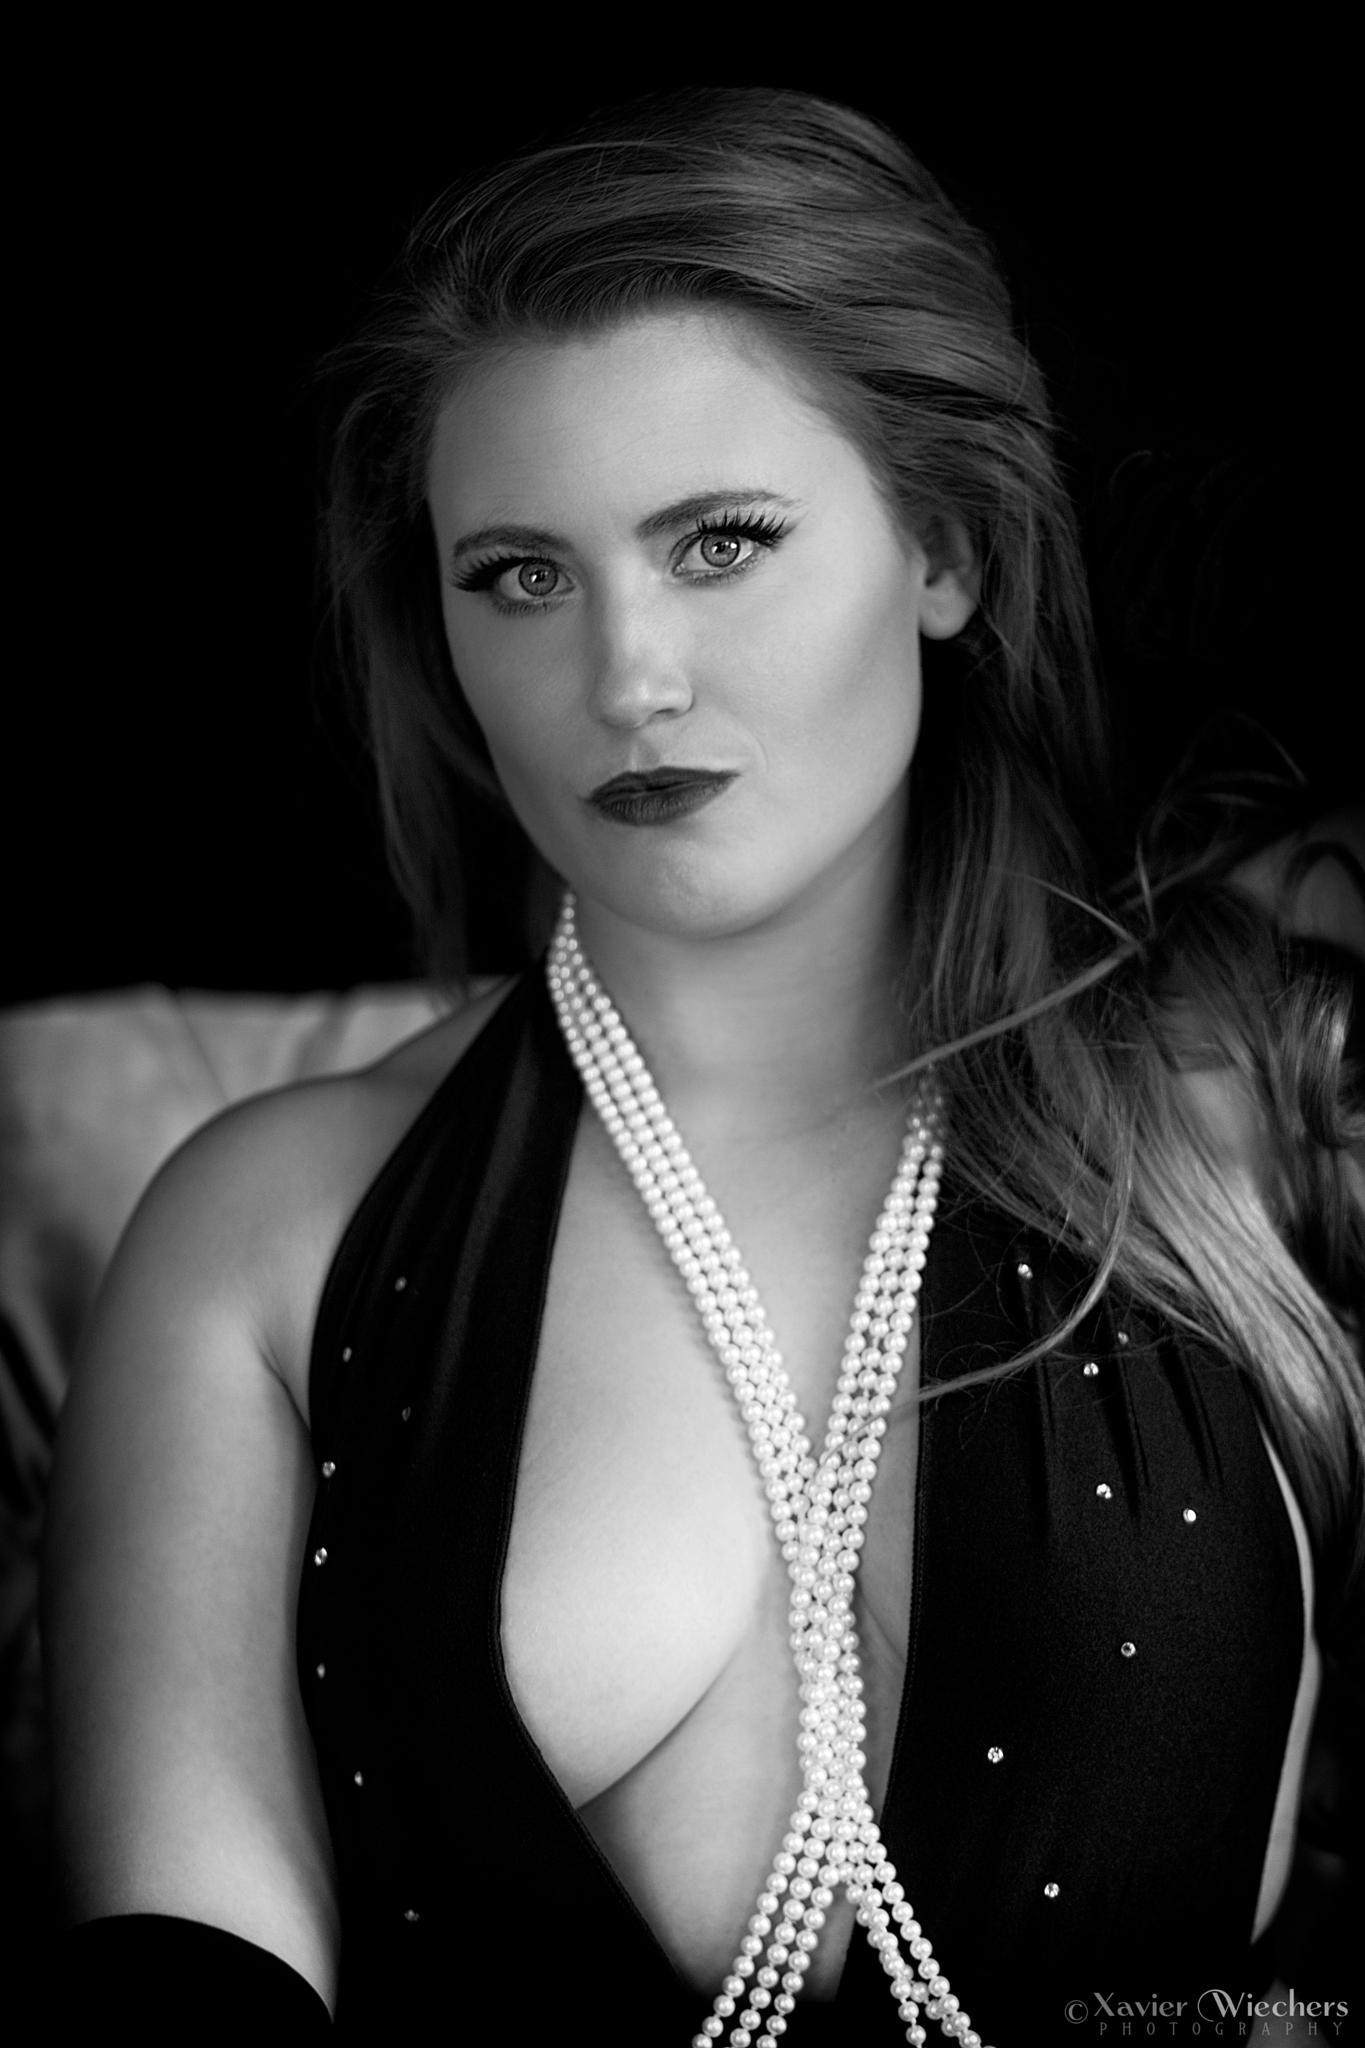 Caitty Lux - Film Noir I by xwiechers